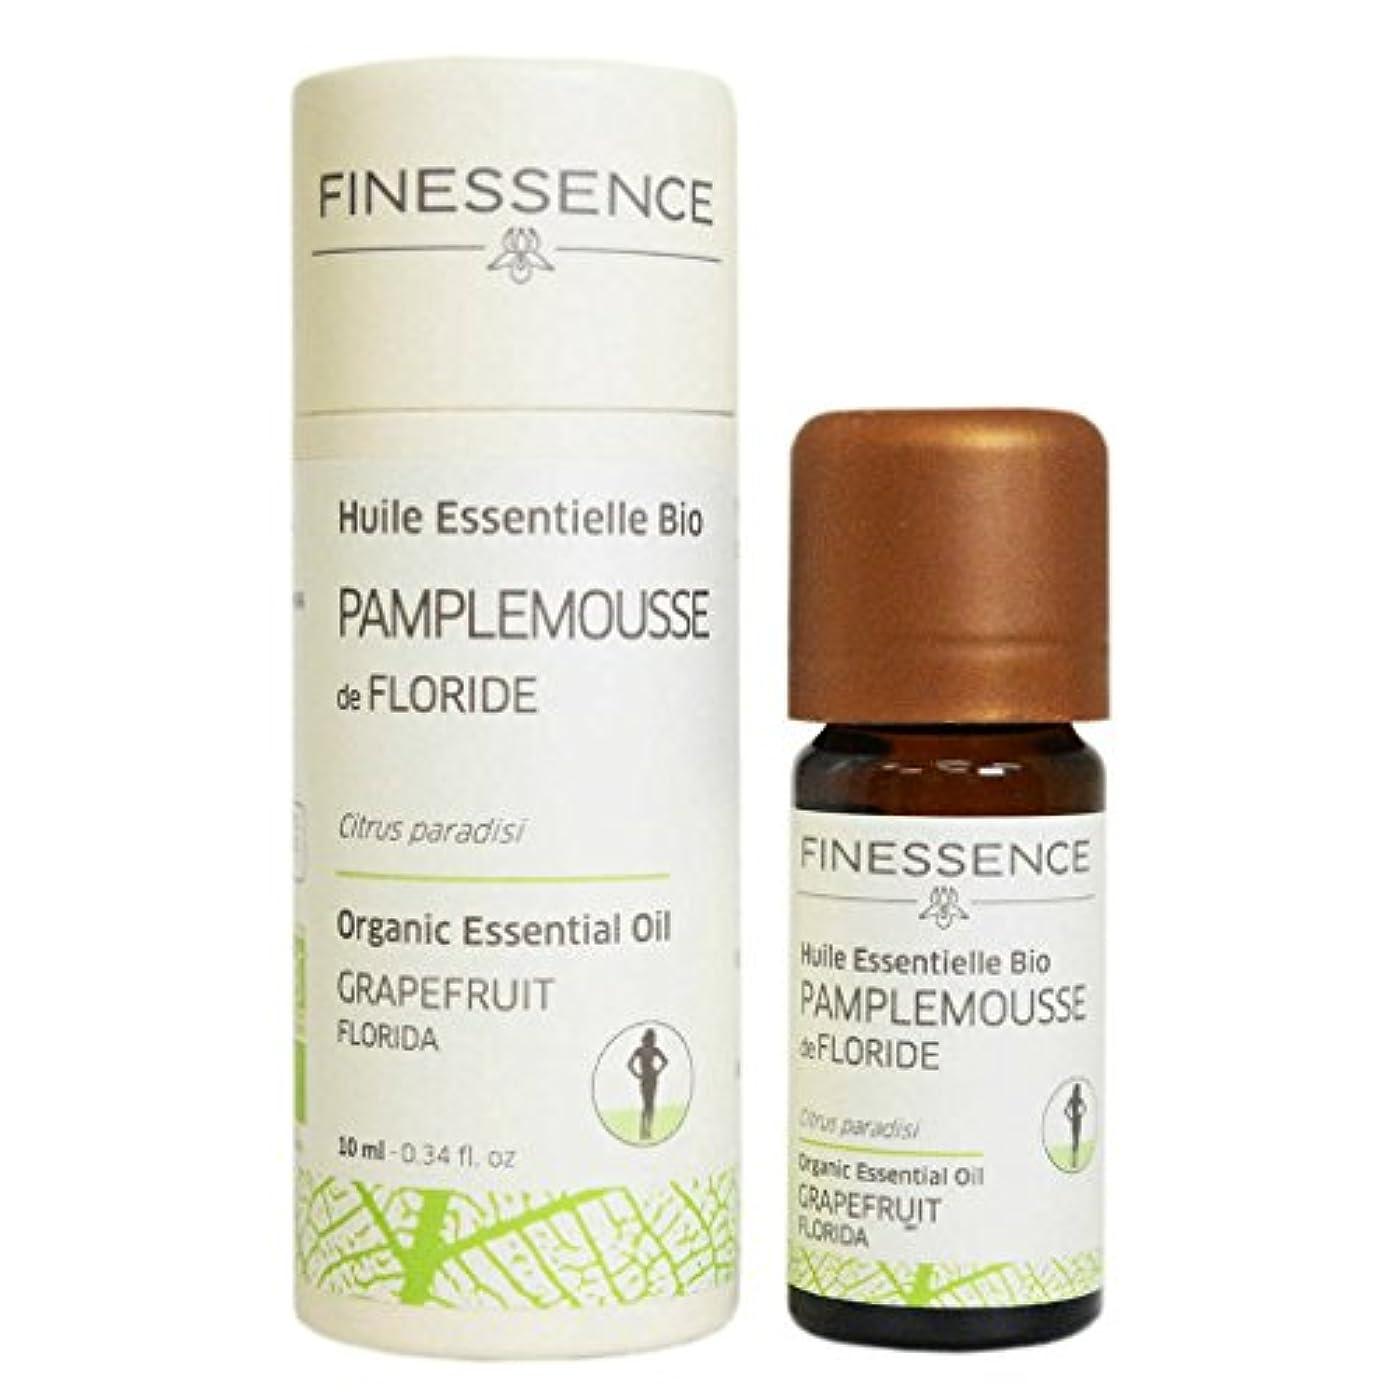 フィネッサンス (FINESSENCE) オーガニックエッセンシャルオイル グレープフルーツ 10ml